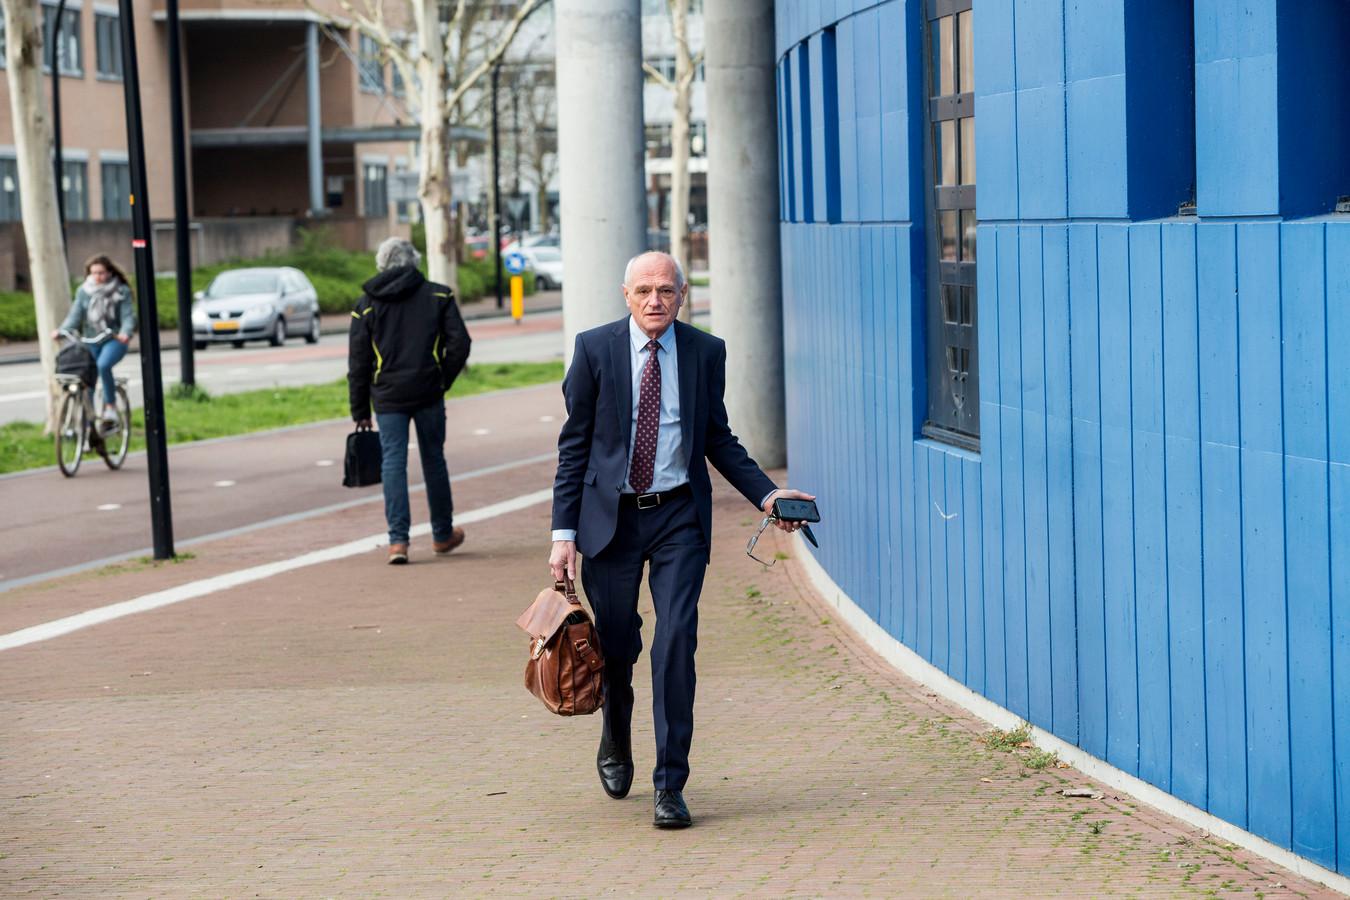 Gerard Sanderink arriveert bij de rechtbank Almelo. De Twentse ict-miljonair won donderdag voor het eerst in lange tijd een rechtszaak.